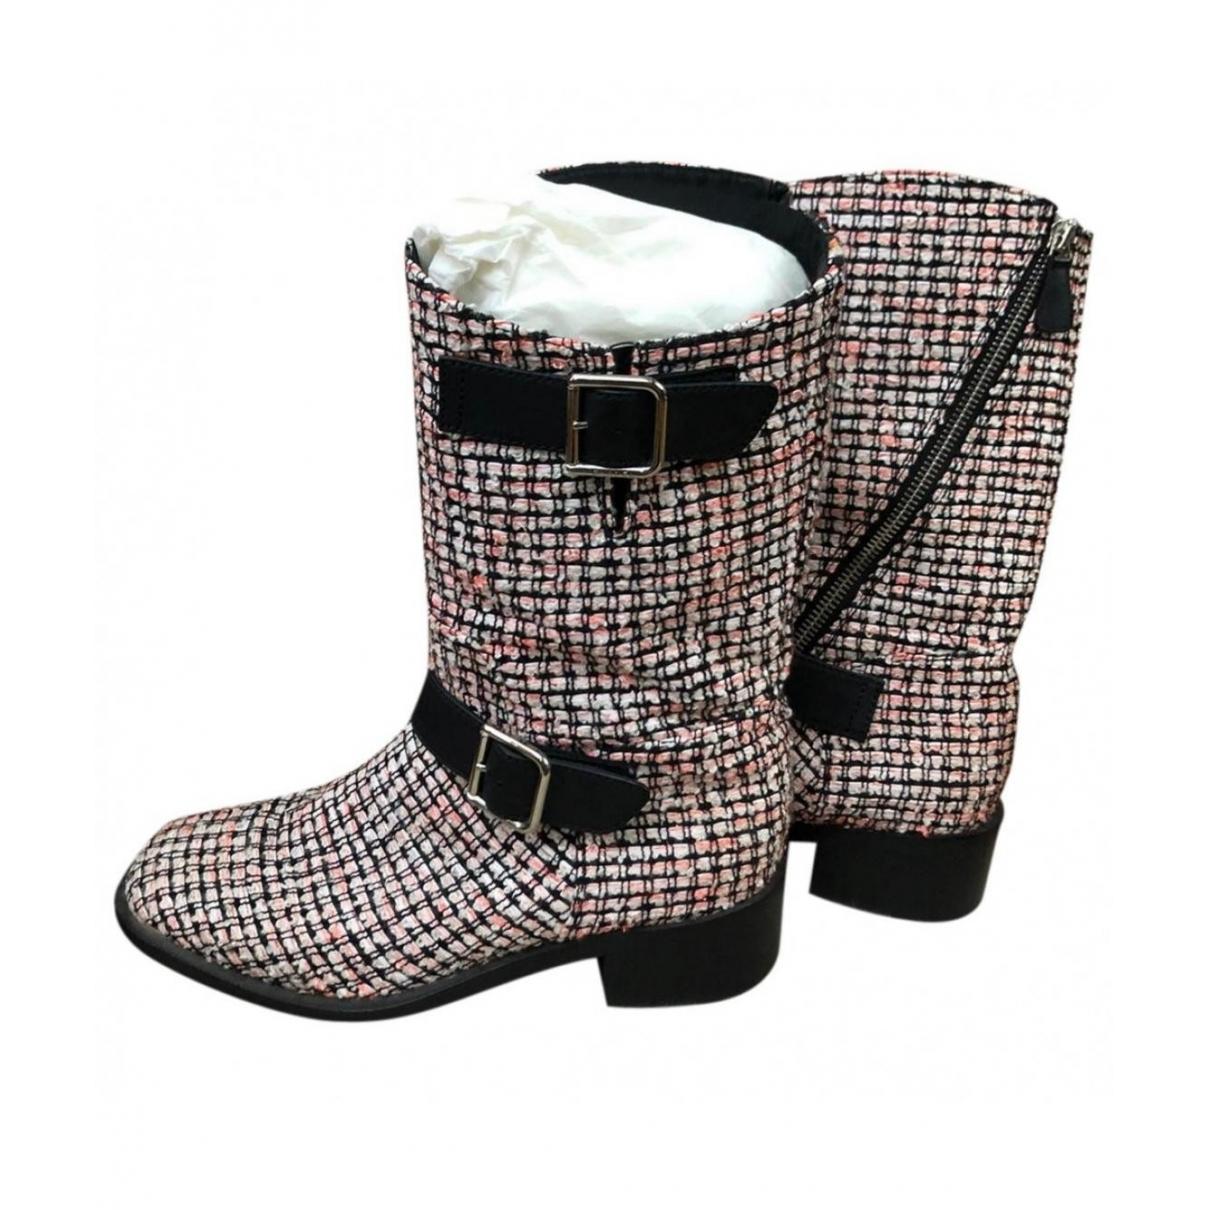 Chanel \N Stiefel in  Bunt Leinen